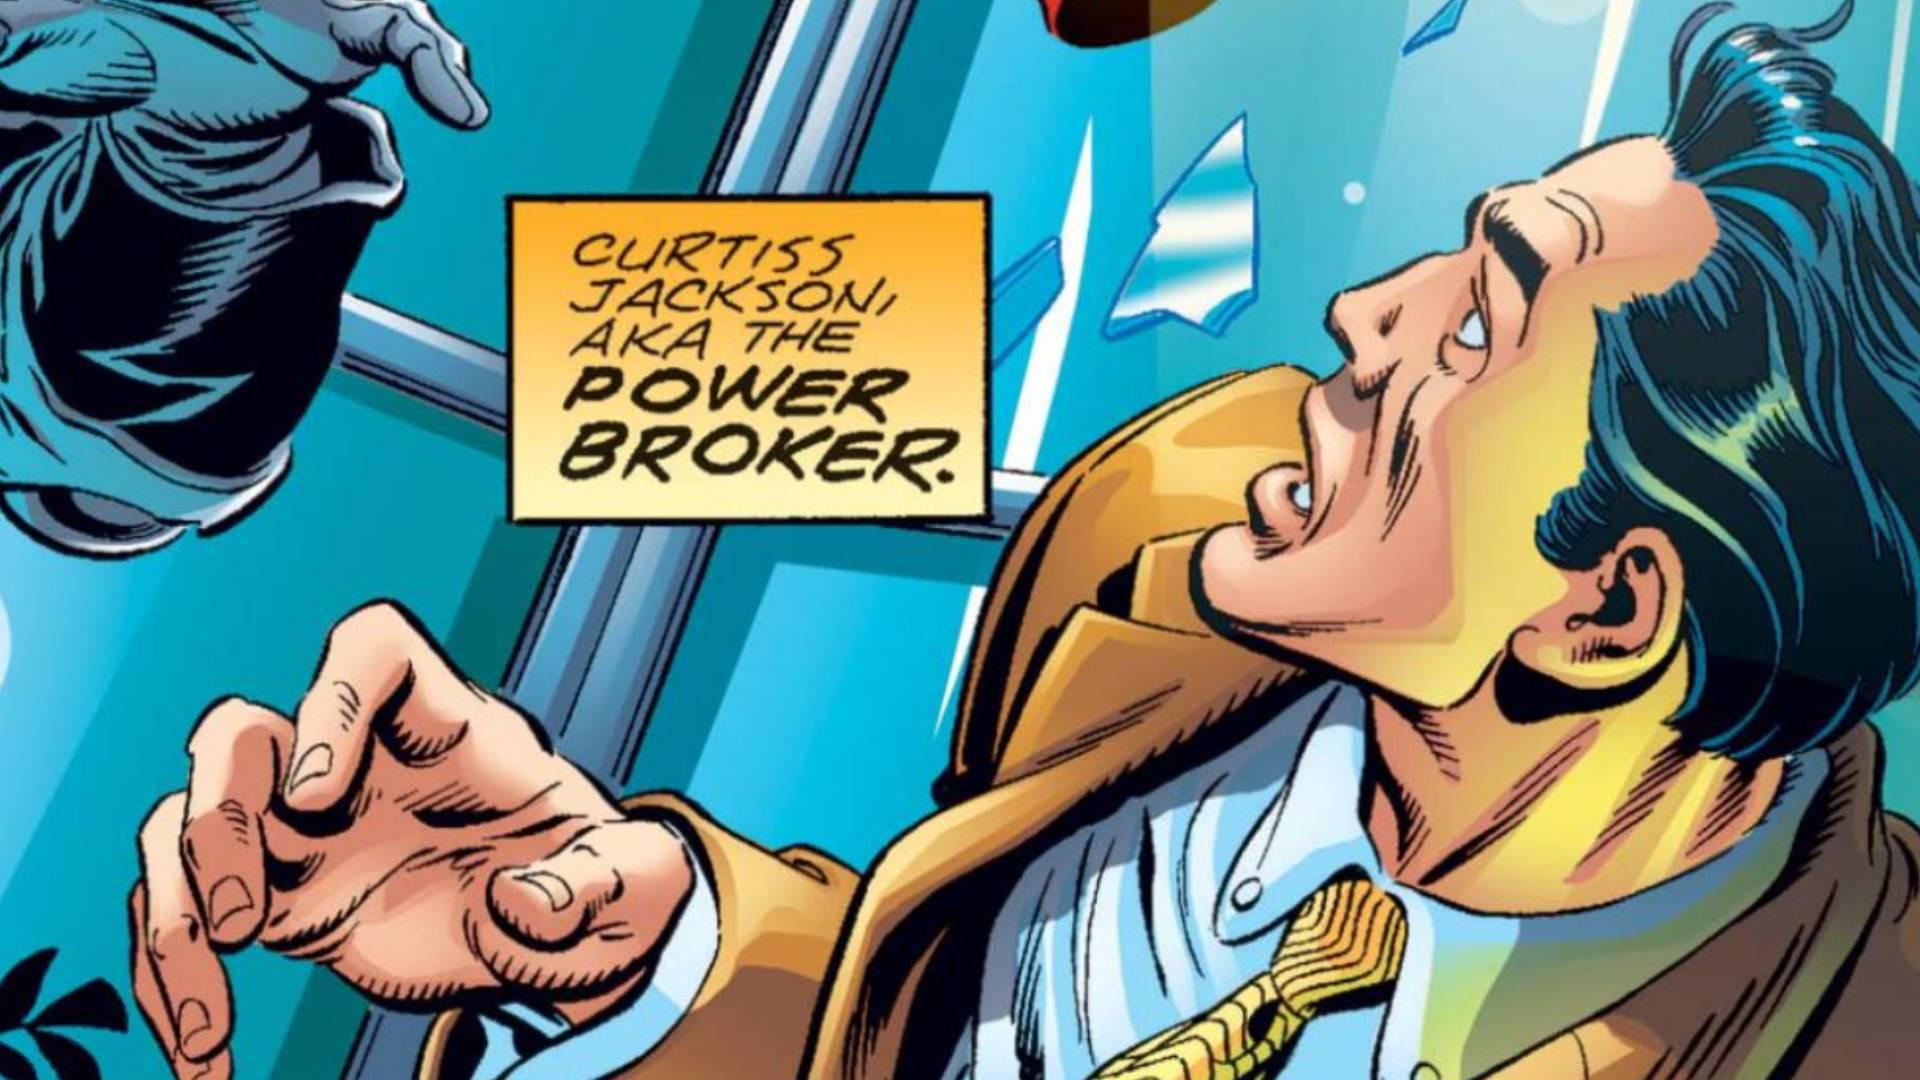 ¿Quién es el agente de poder O The Power Broker en The Falcon and The Winter Soldier?